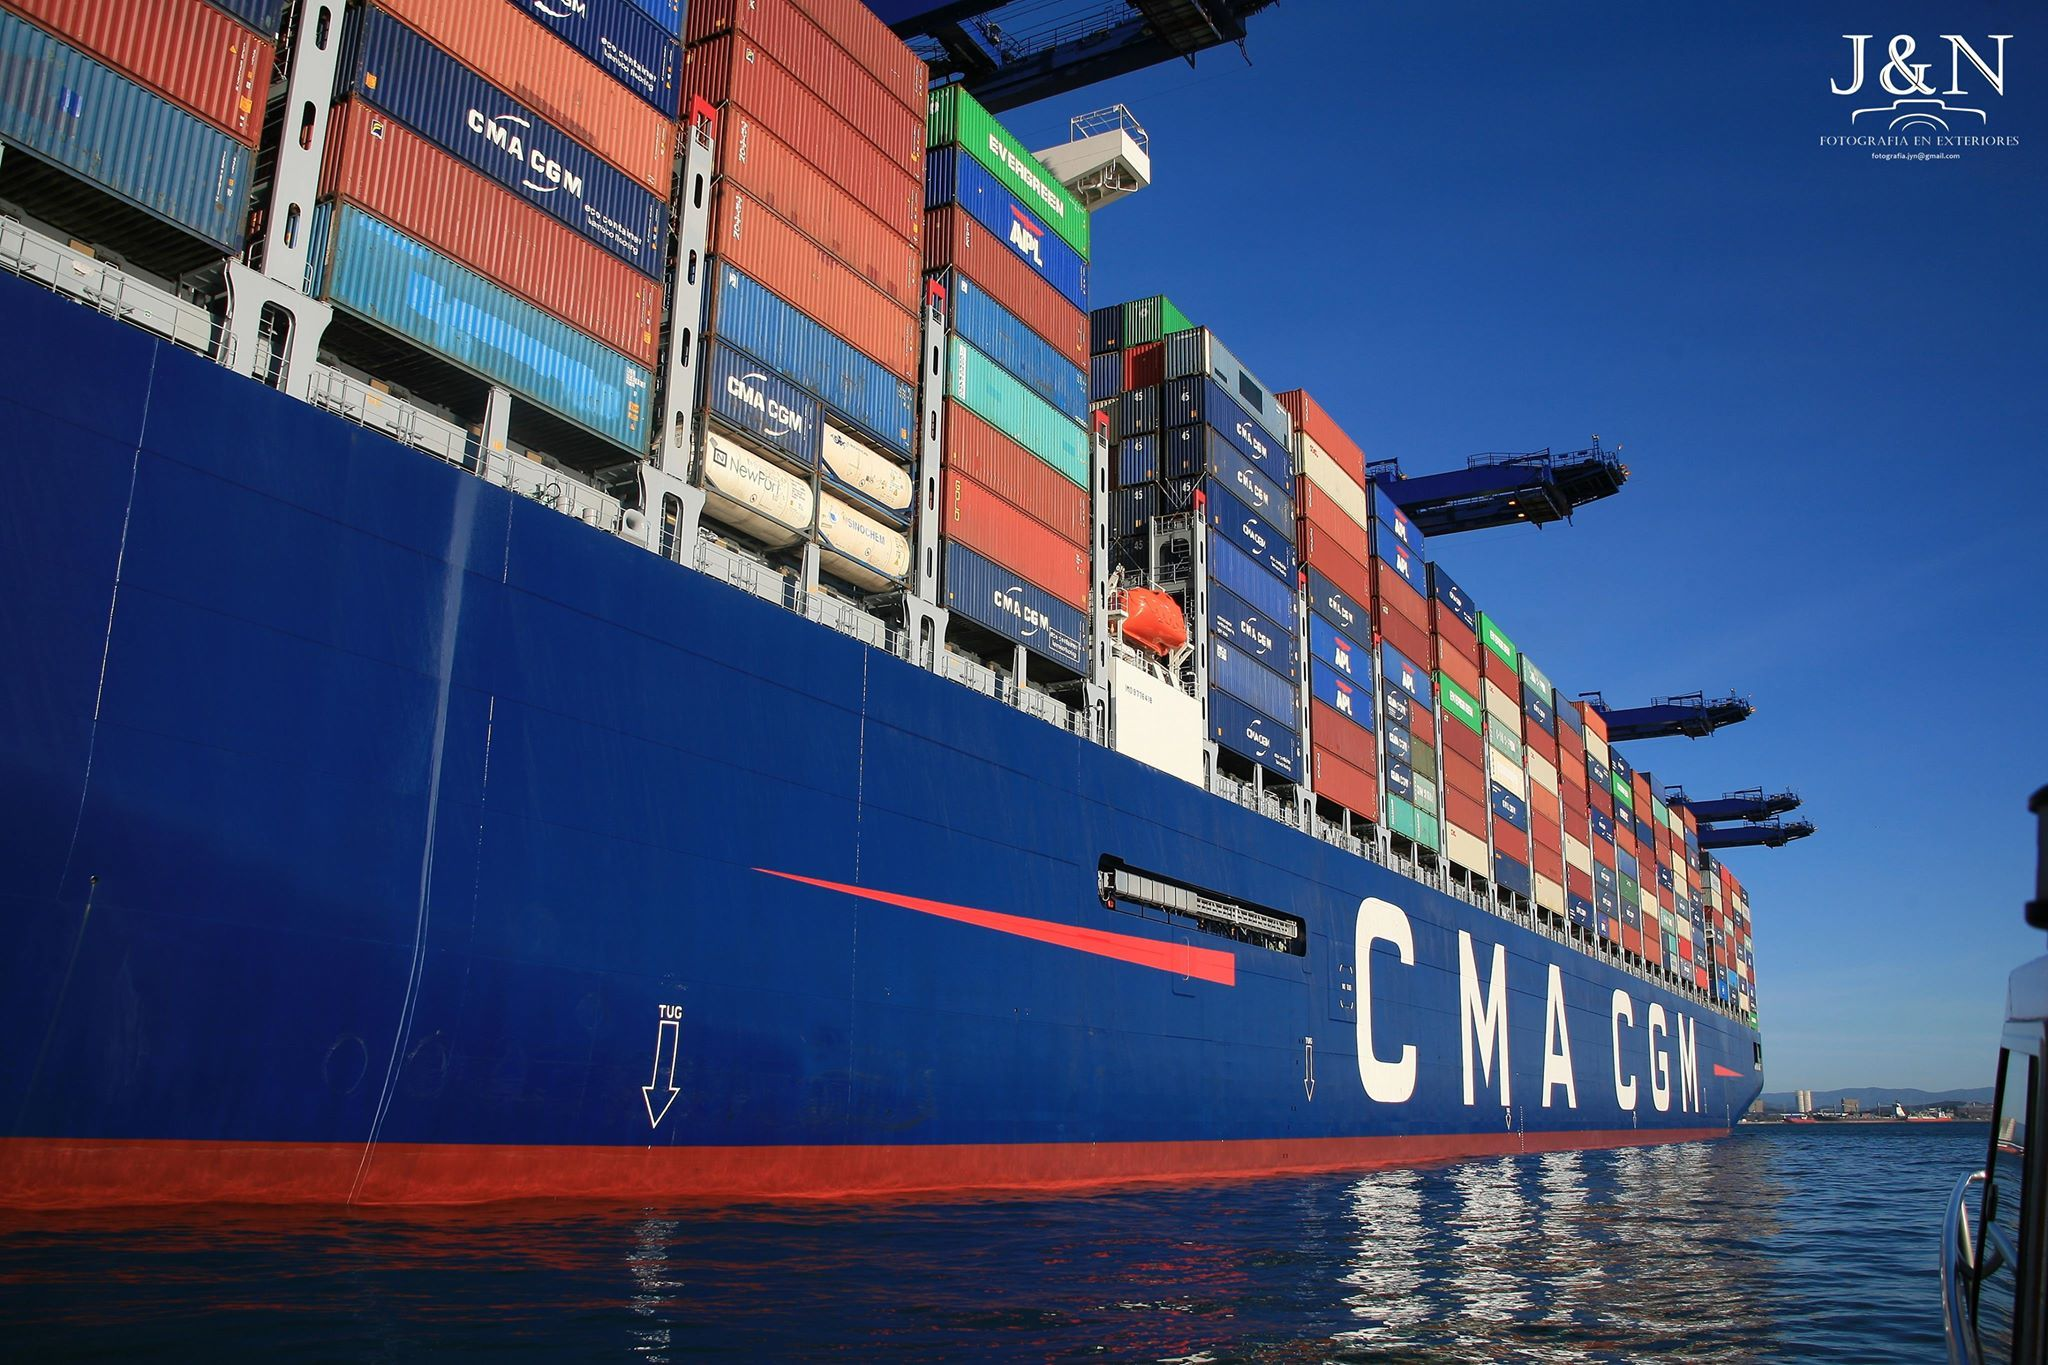 Las dimensiones del buque impresionan. Es uno de los mayores del mundo